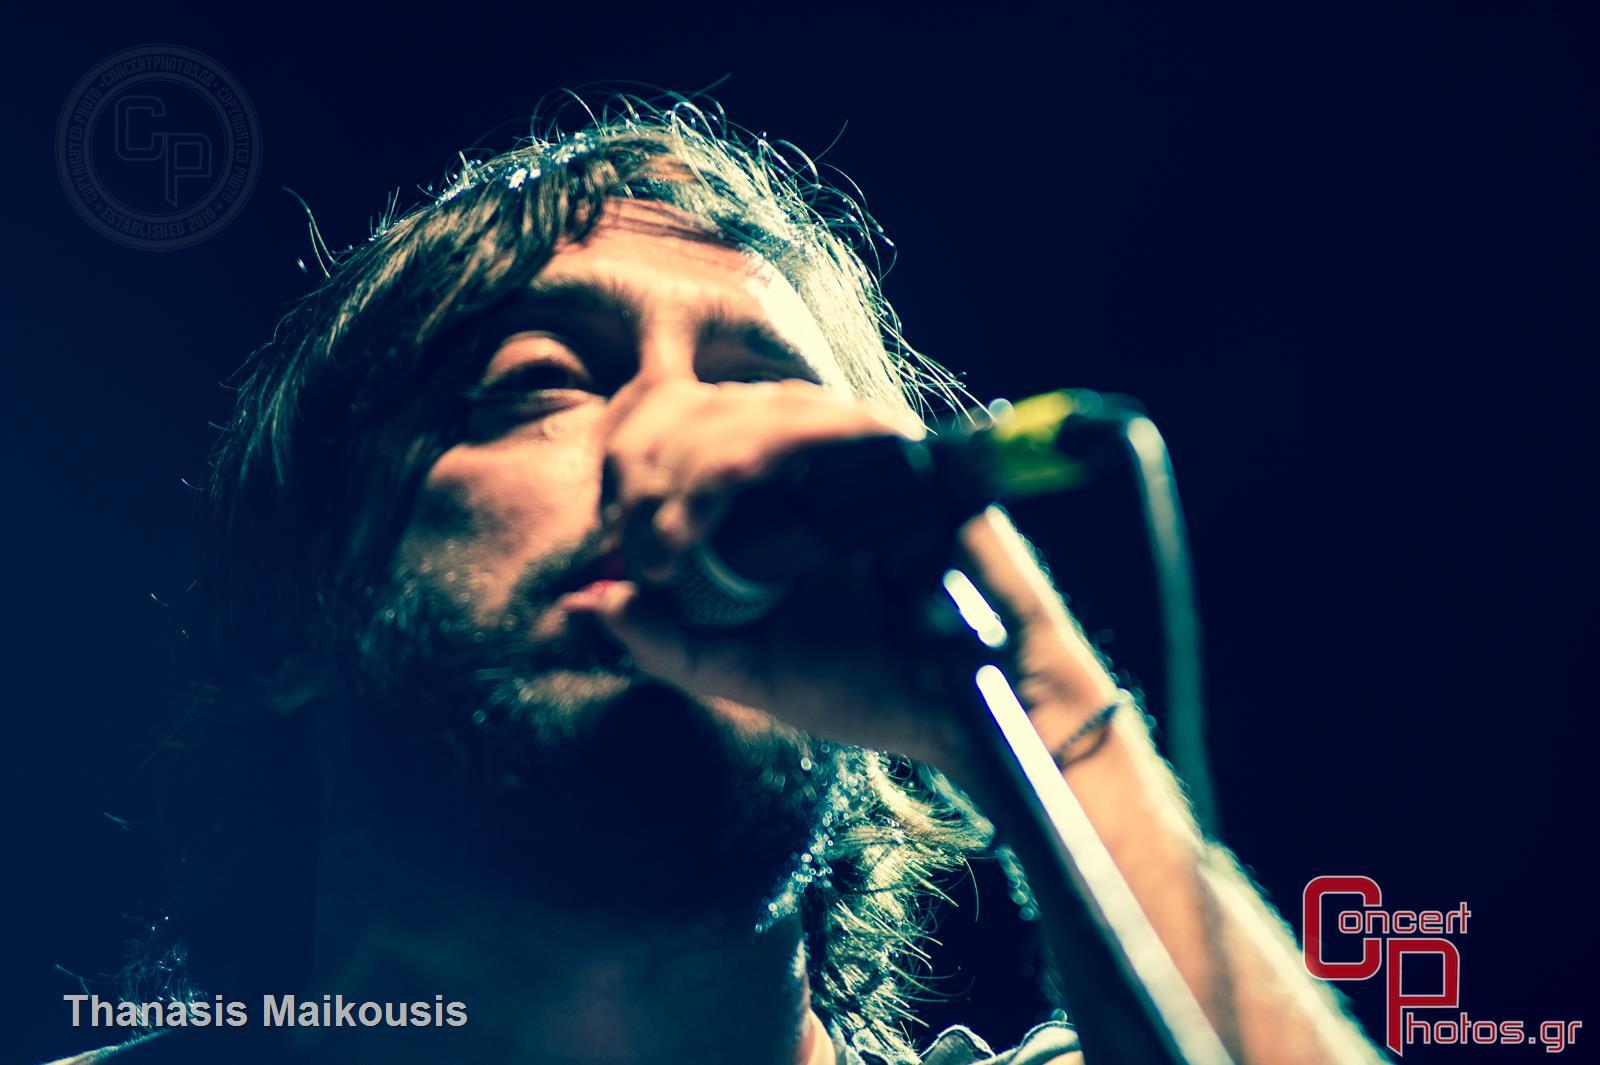 En Lefko 2014-En Lefko 2014 photographer: Thanasis Maikousis - concertphotos_20140620_22_05_20